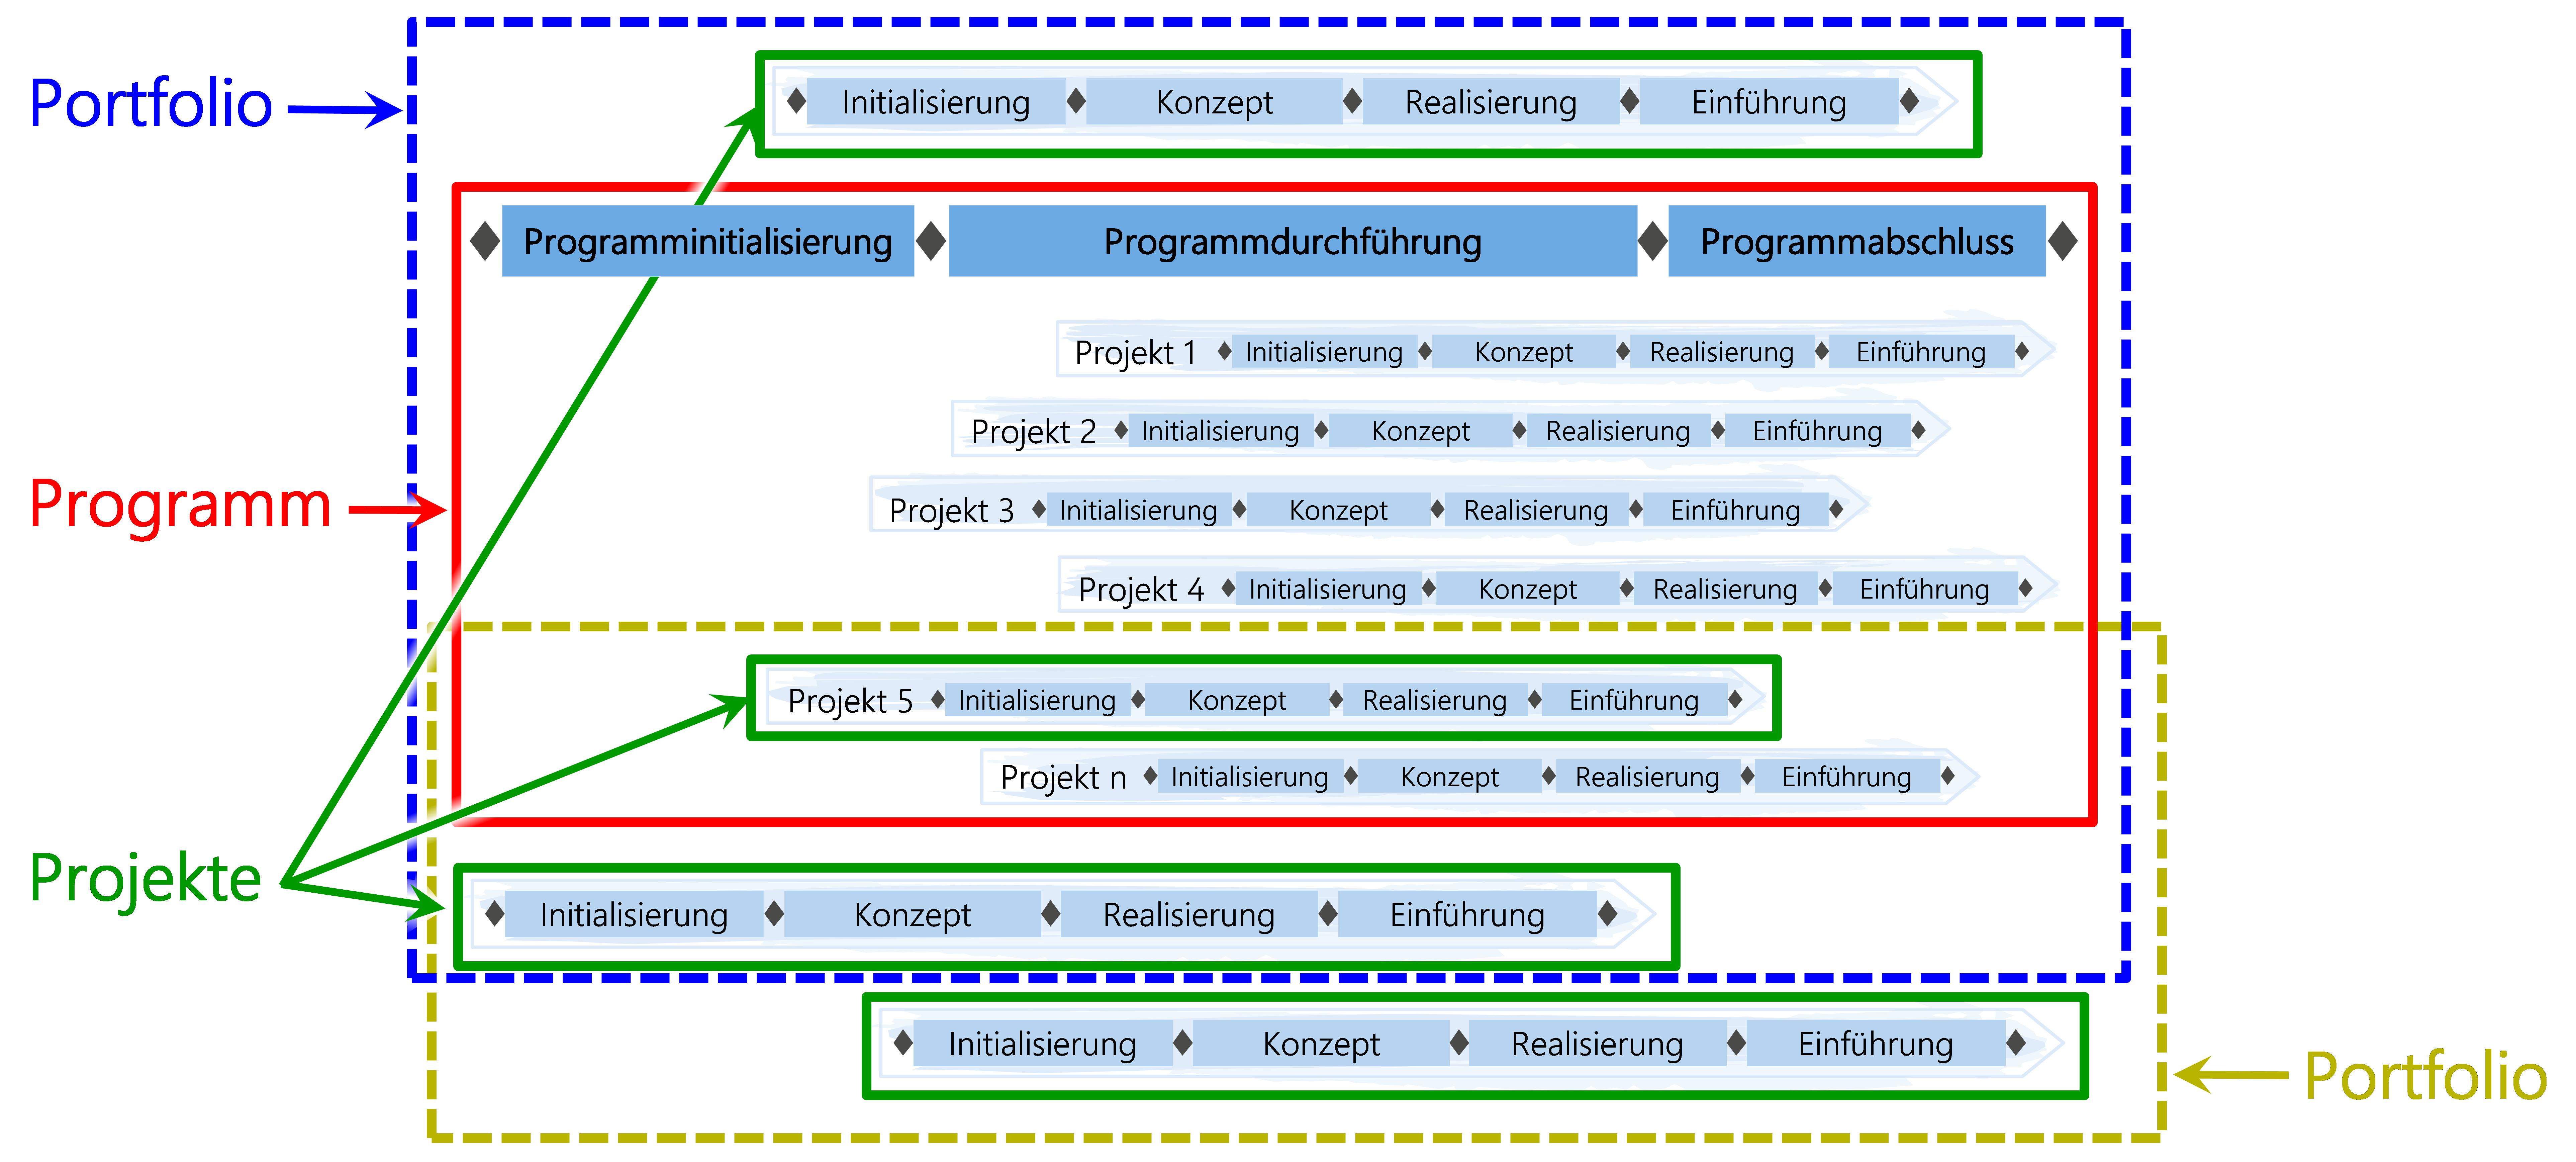 Abbildung10: Programme in mehreren Portfolios